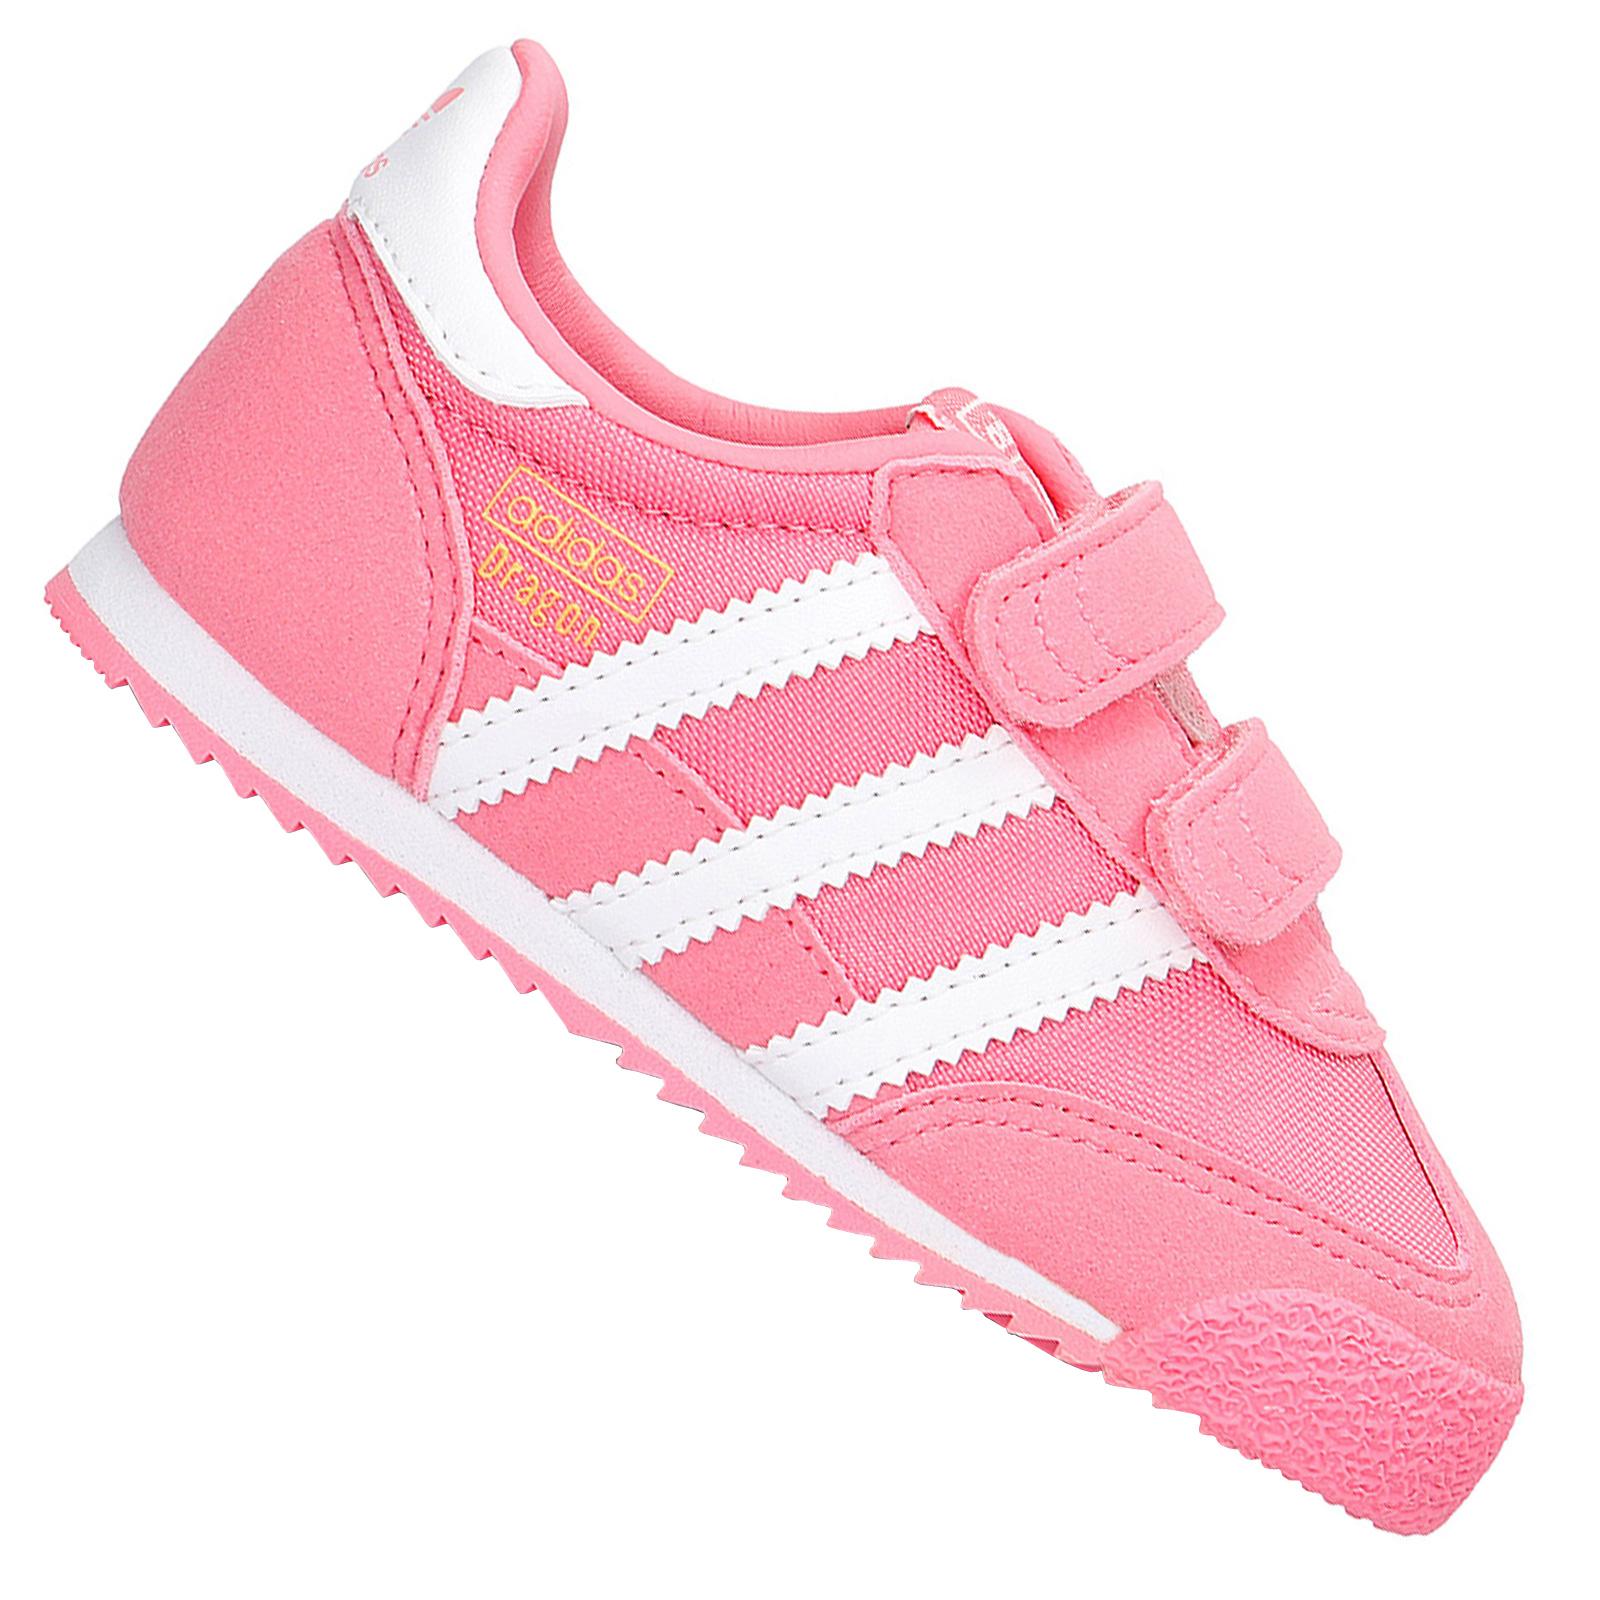 adidas Originals Dragon Kinder Mädchen Lauflern Schuhe BB2500Rosa Weiß